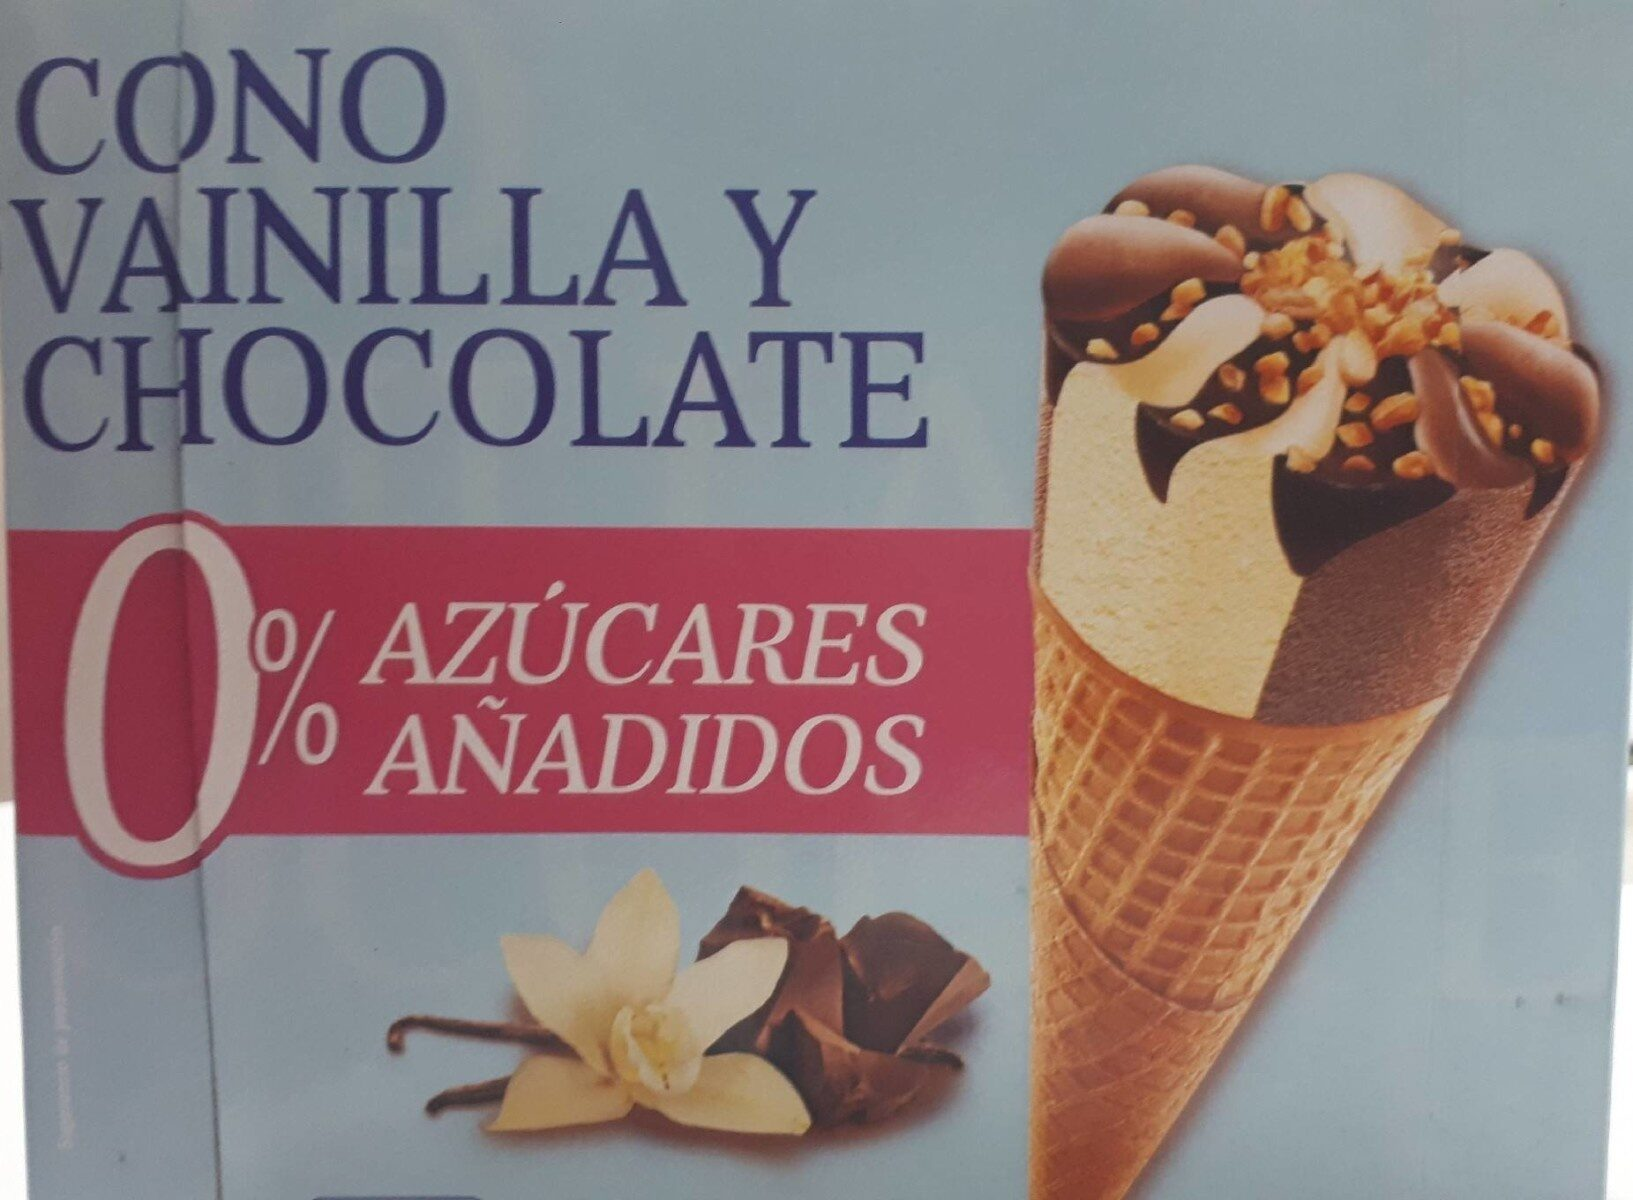 Cono vainilla y chocolate - Produit